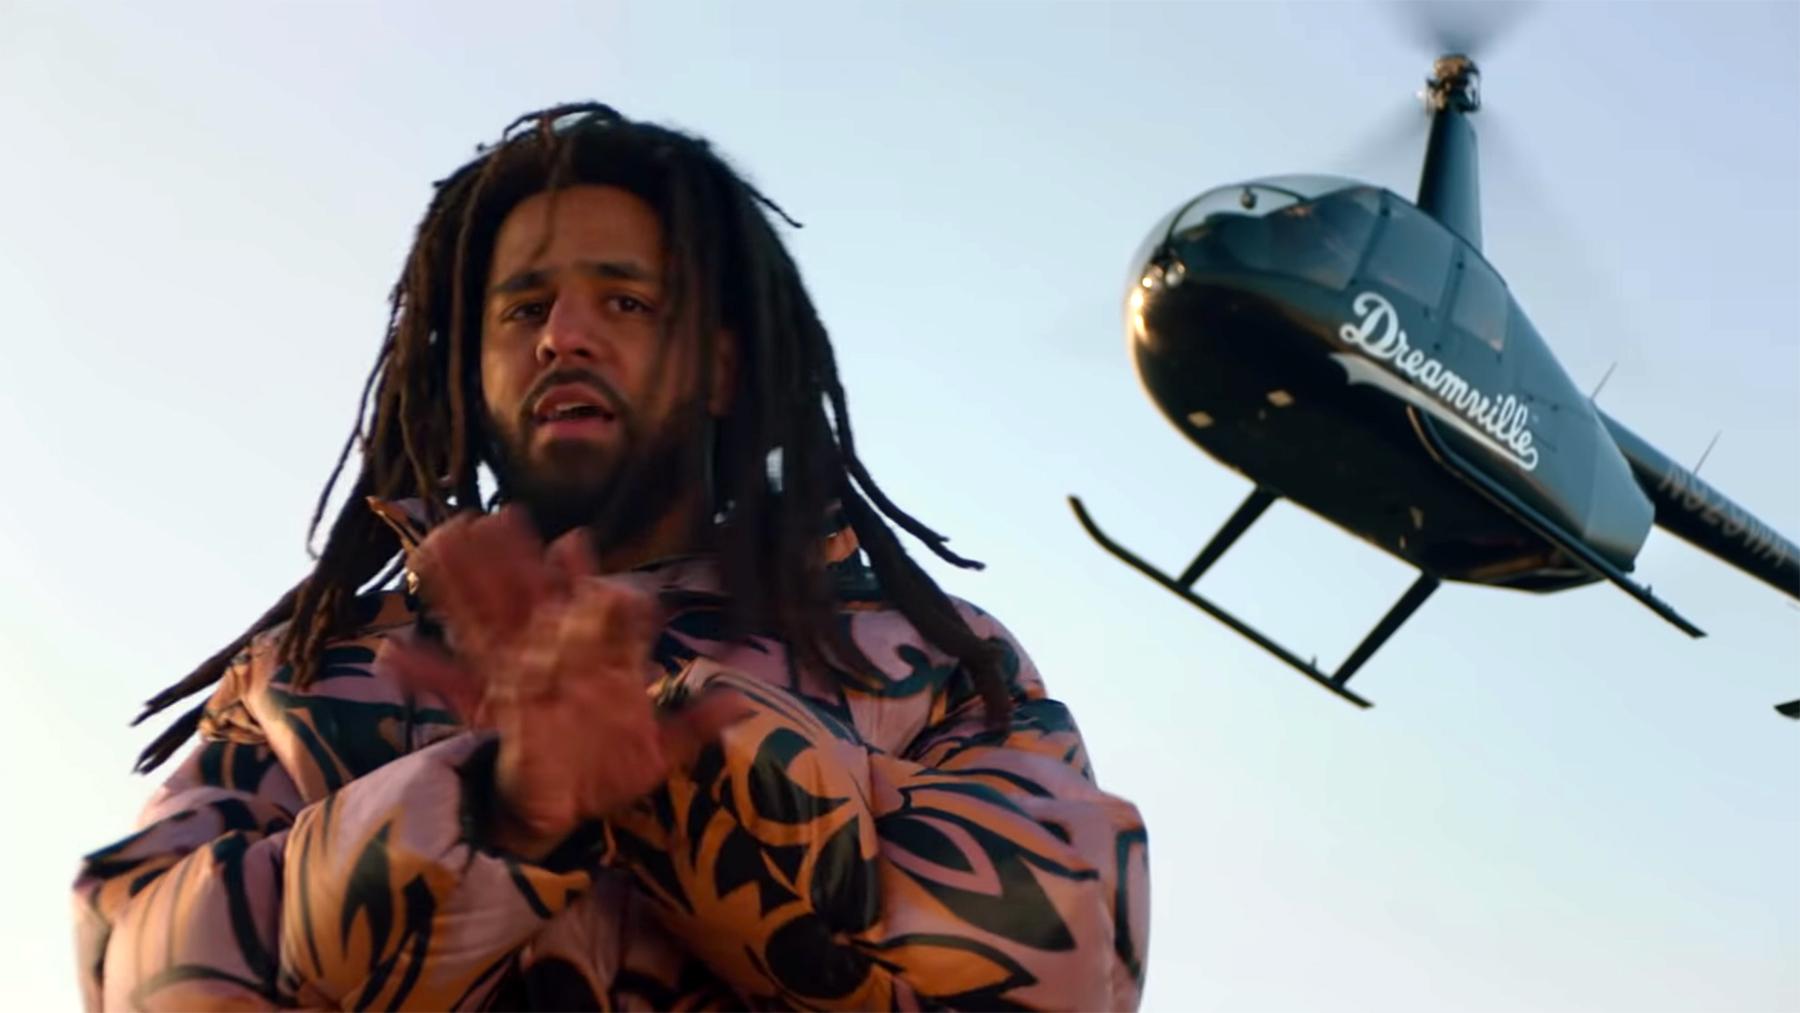 J. Cole drops Visuals for A M a r i